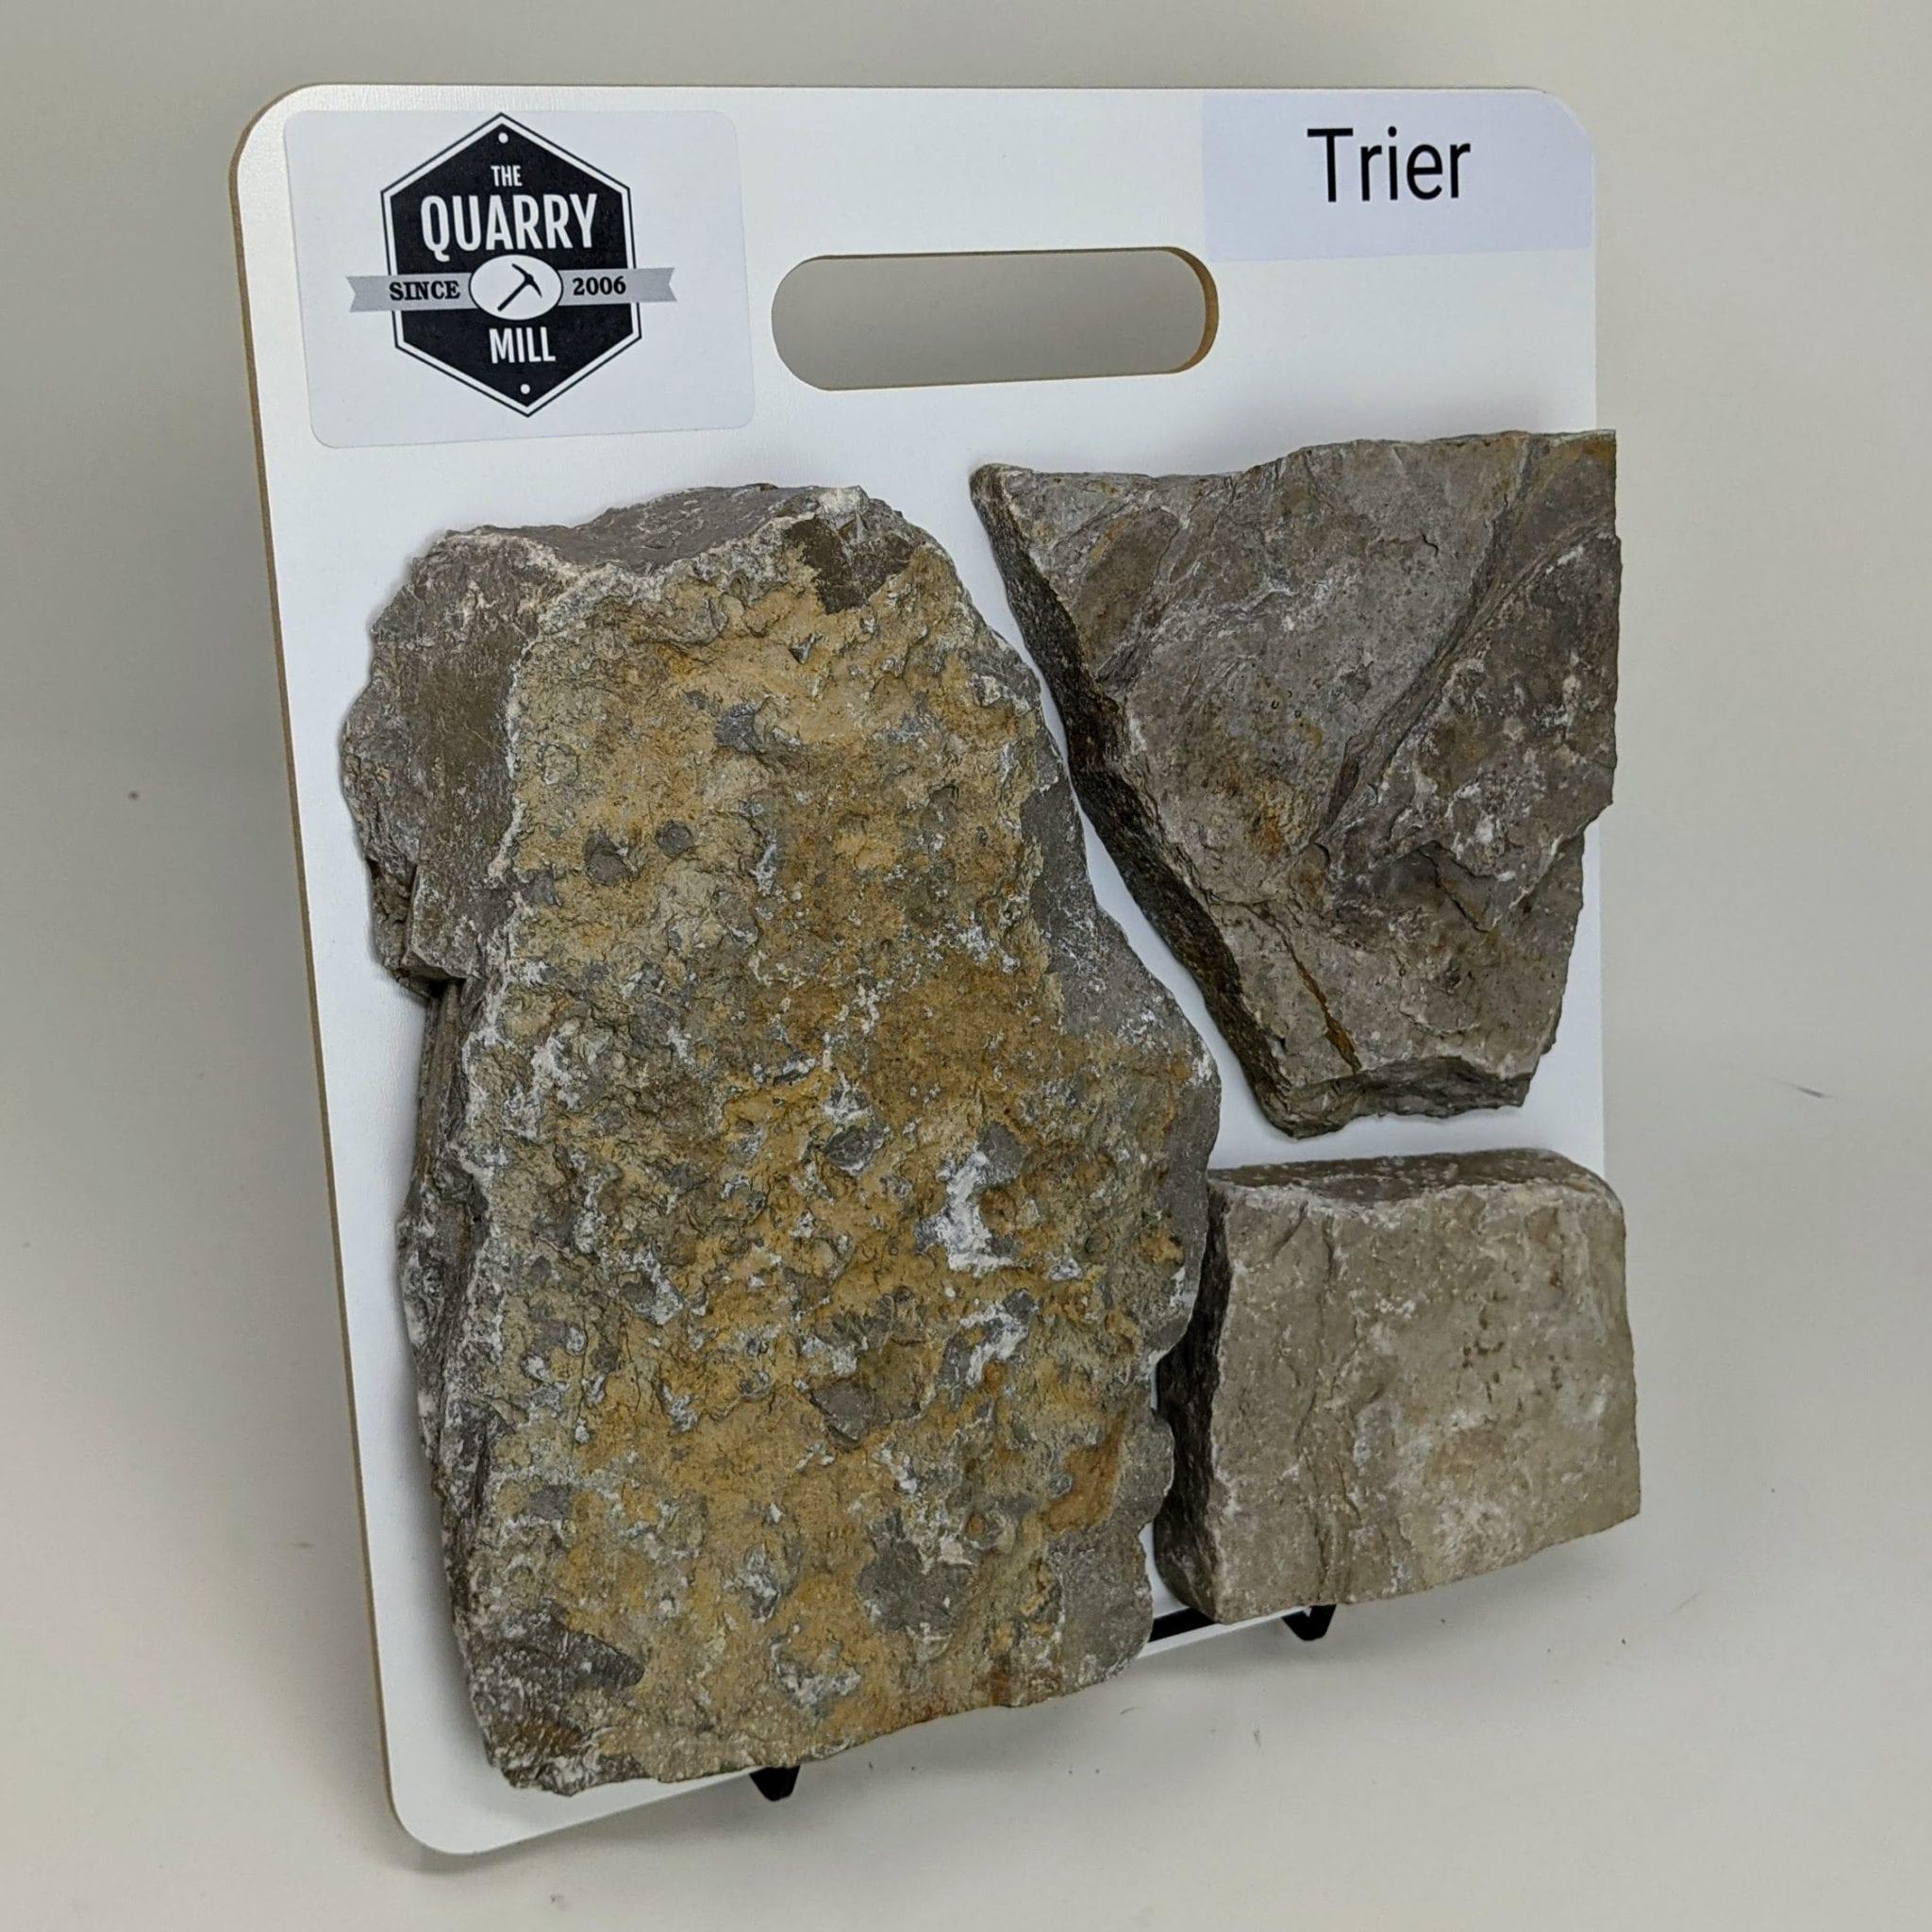 Trier Real Stone Veneer Sample Board